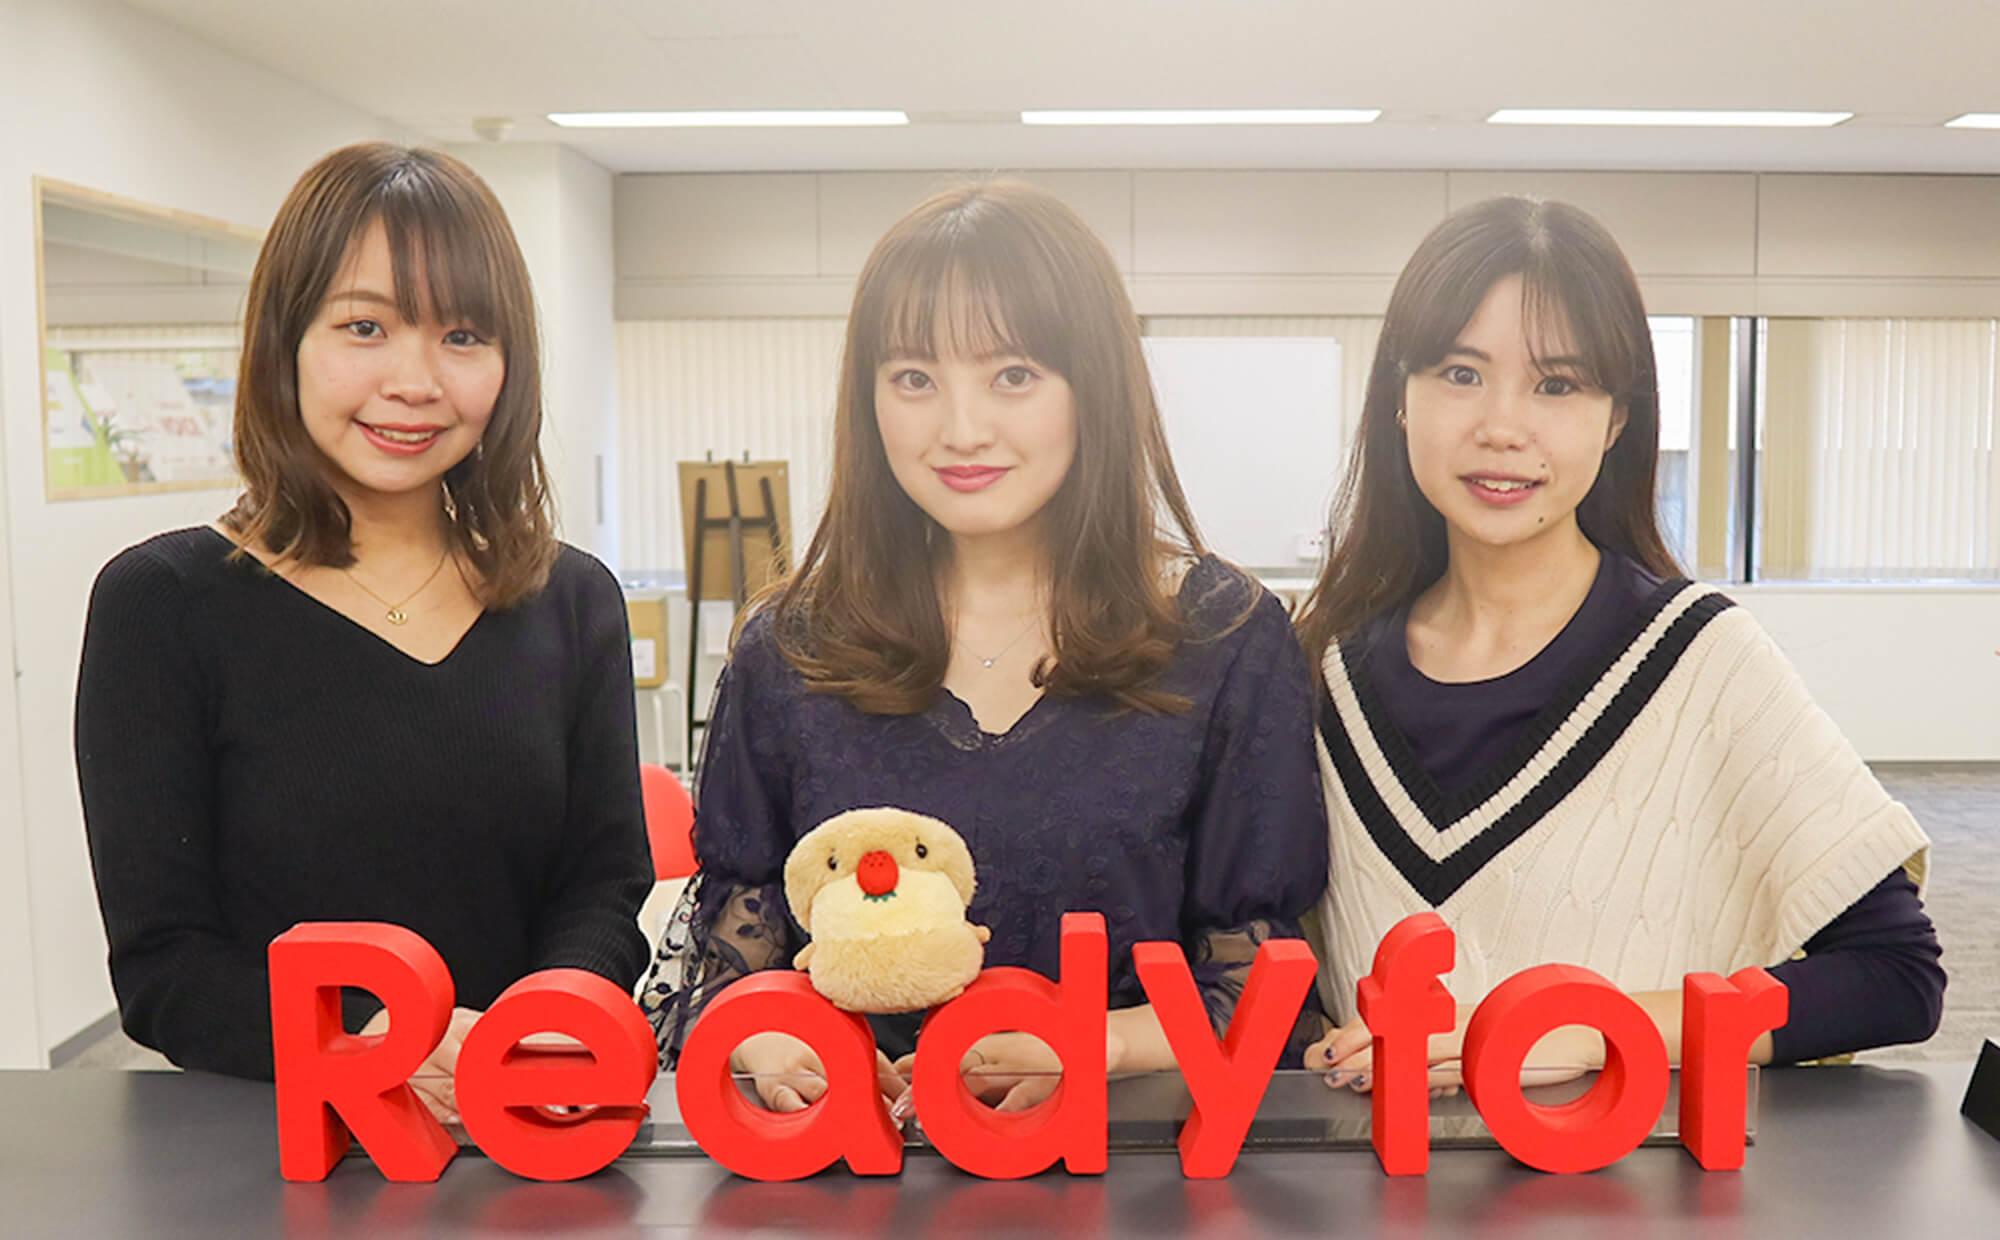 やりたいことを応援する「Readyfor」の キュレーター美人三姉妹をスカウトの巻